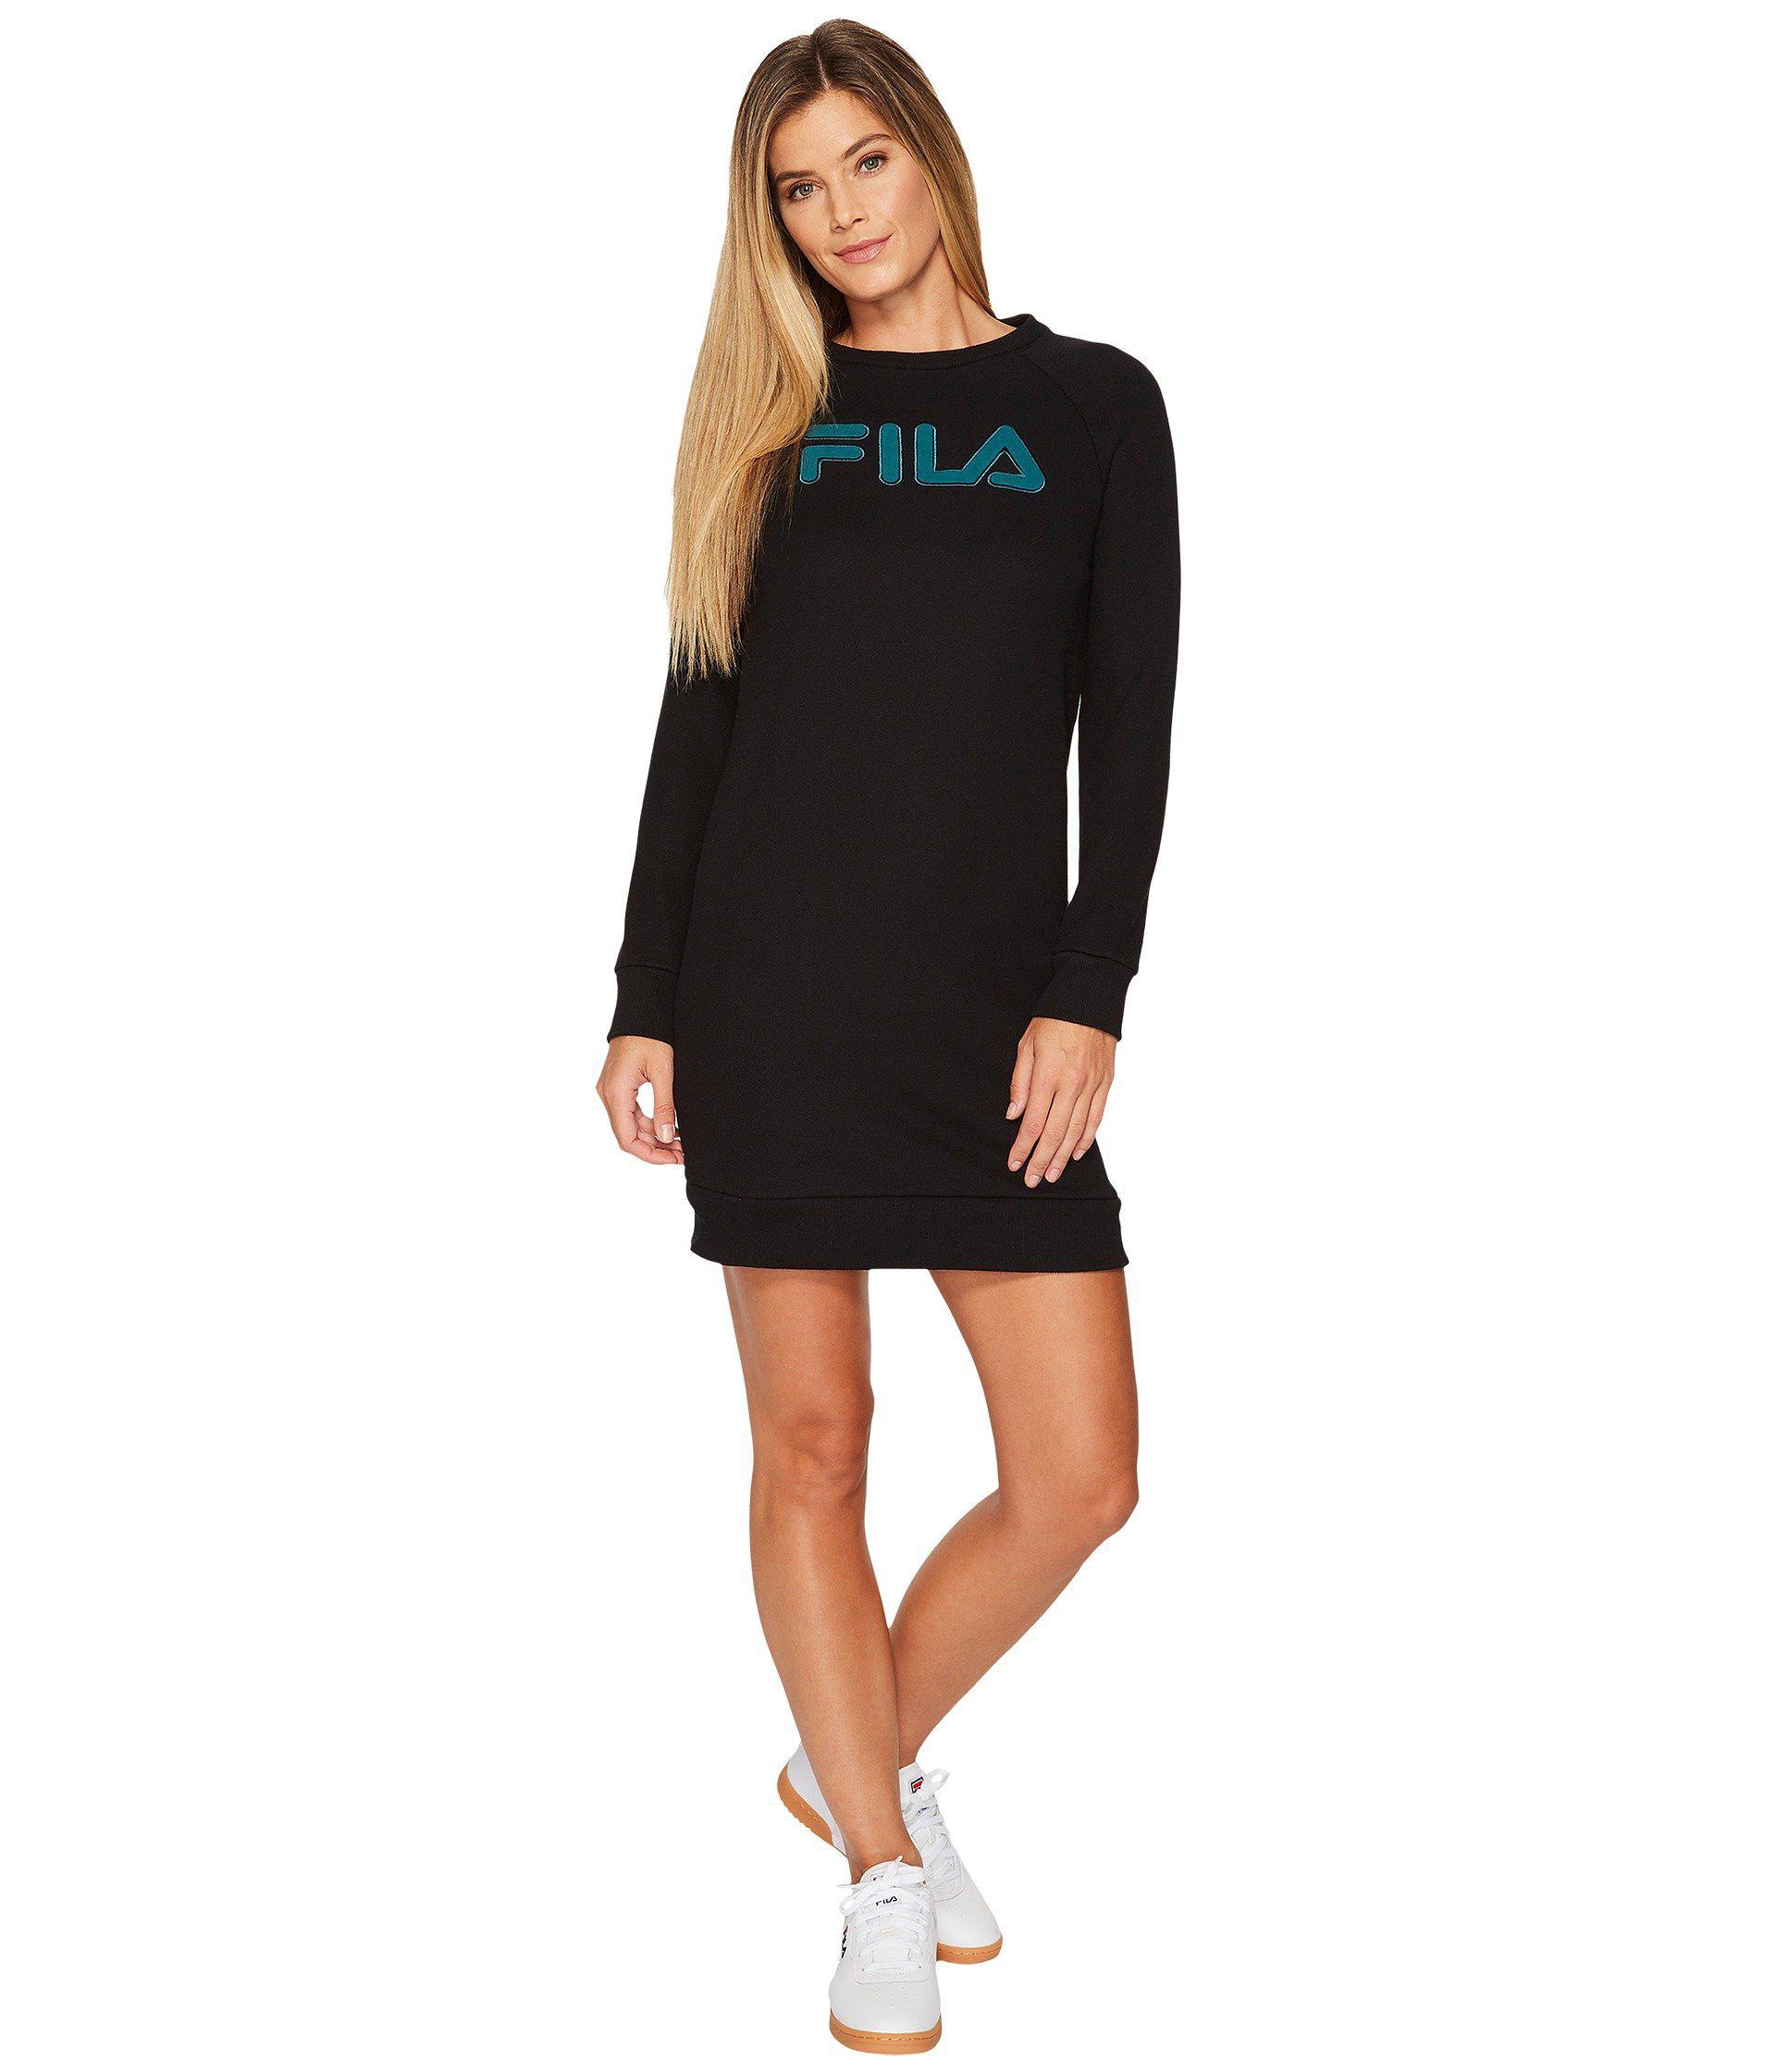 9eef741c80bb Lyst - Fila Courtney Dress (gray Heather black) Women s Dress in Black